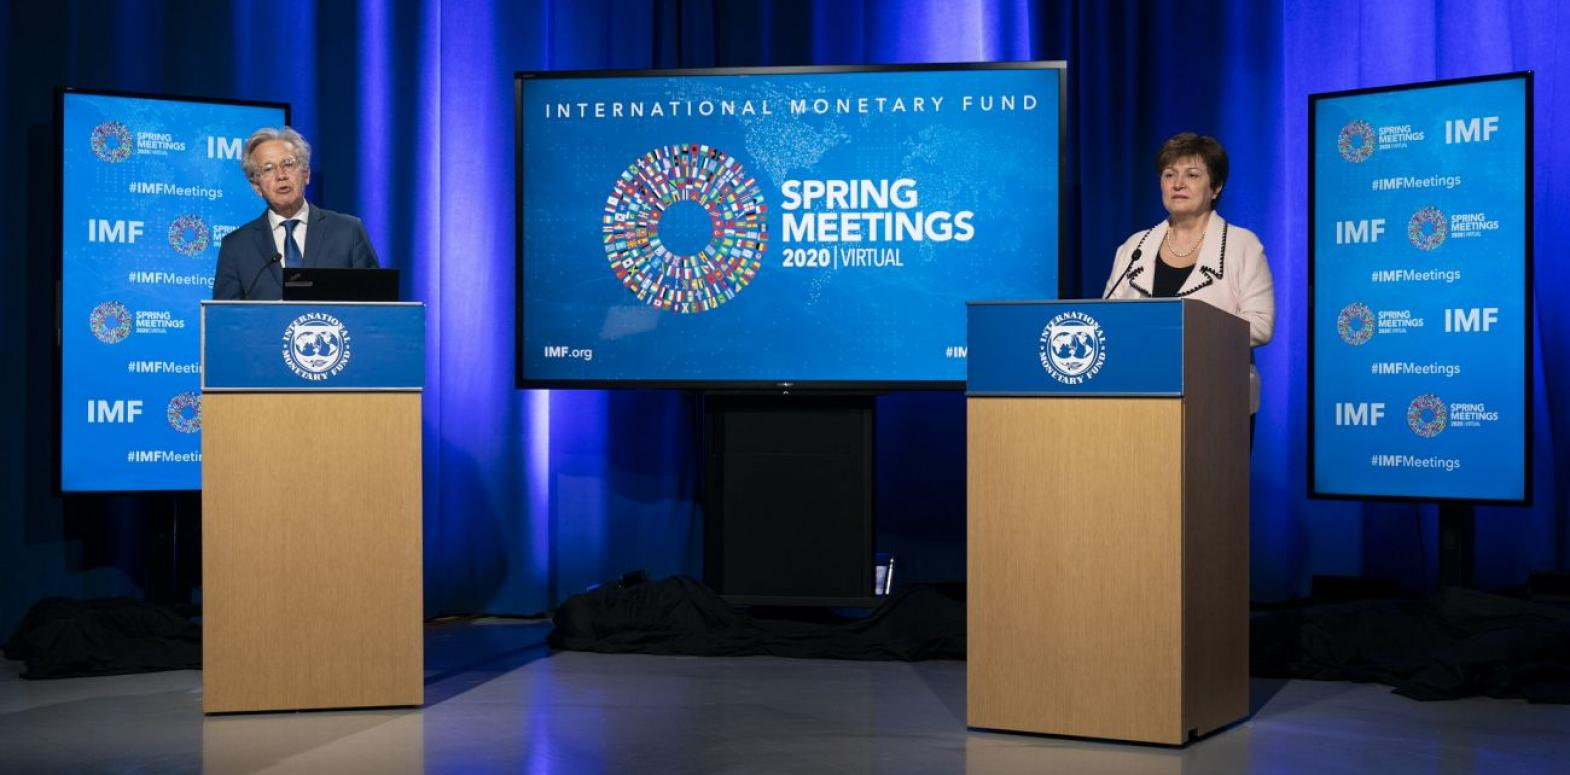 МВФ подтвердил намерение оказать помощь Украине в условиях кризиса